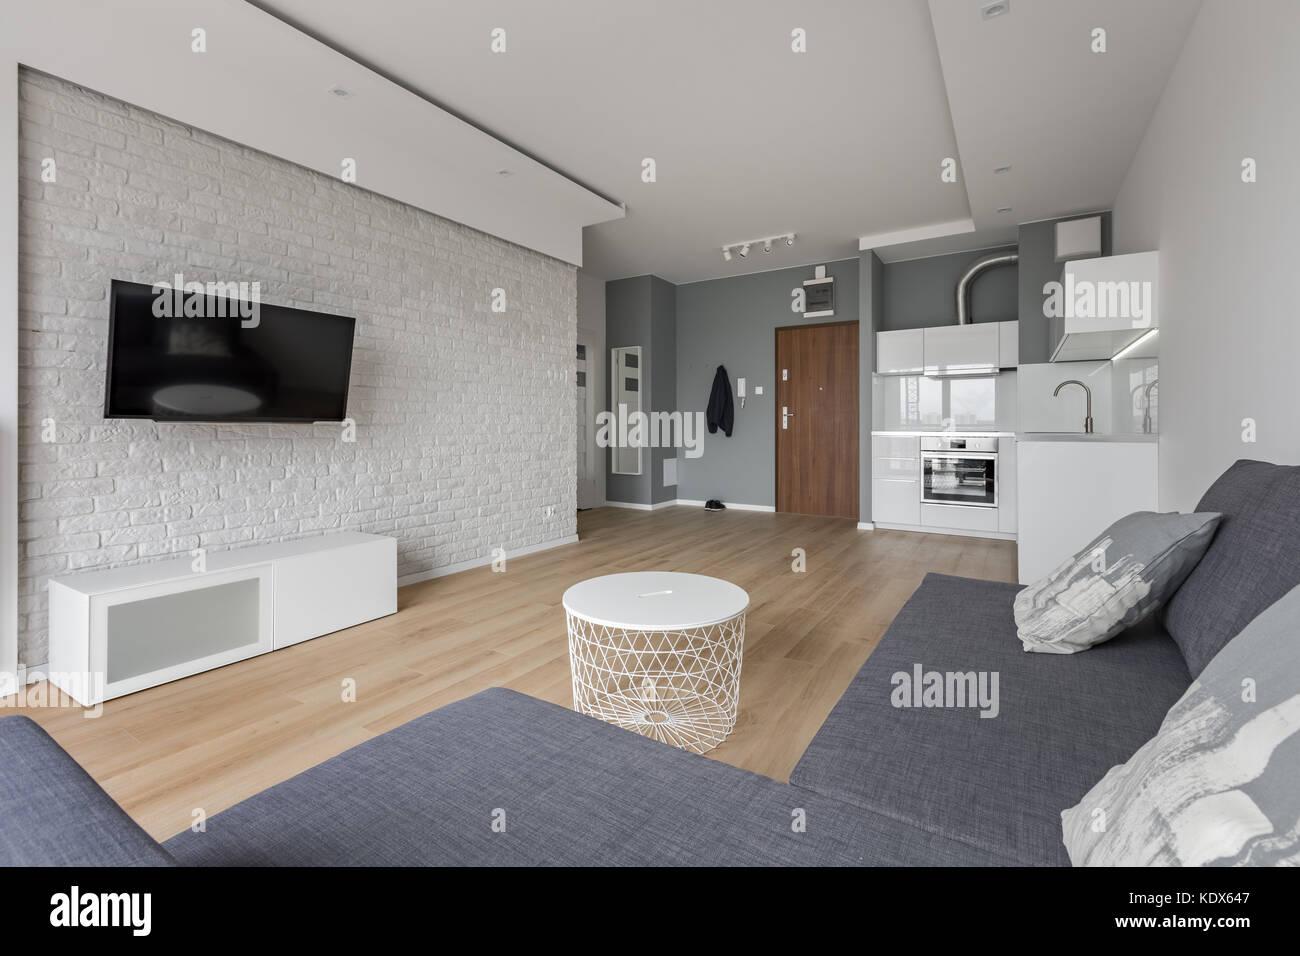 Modernes Studio mit TV, Sofa und kleine, offene Küche Stockfoto ...